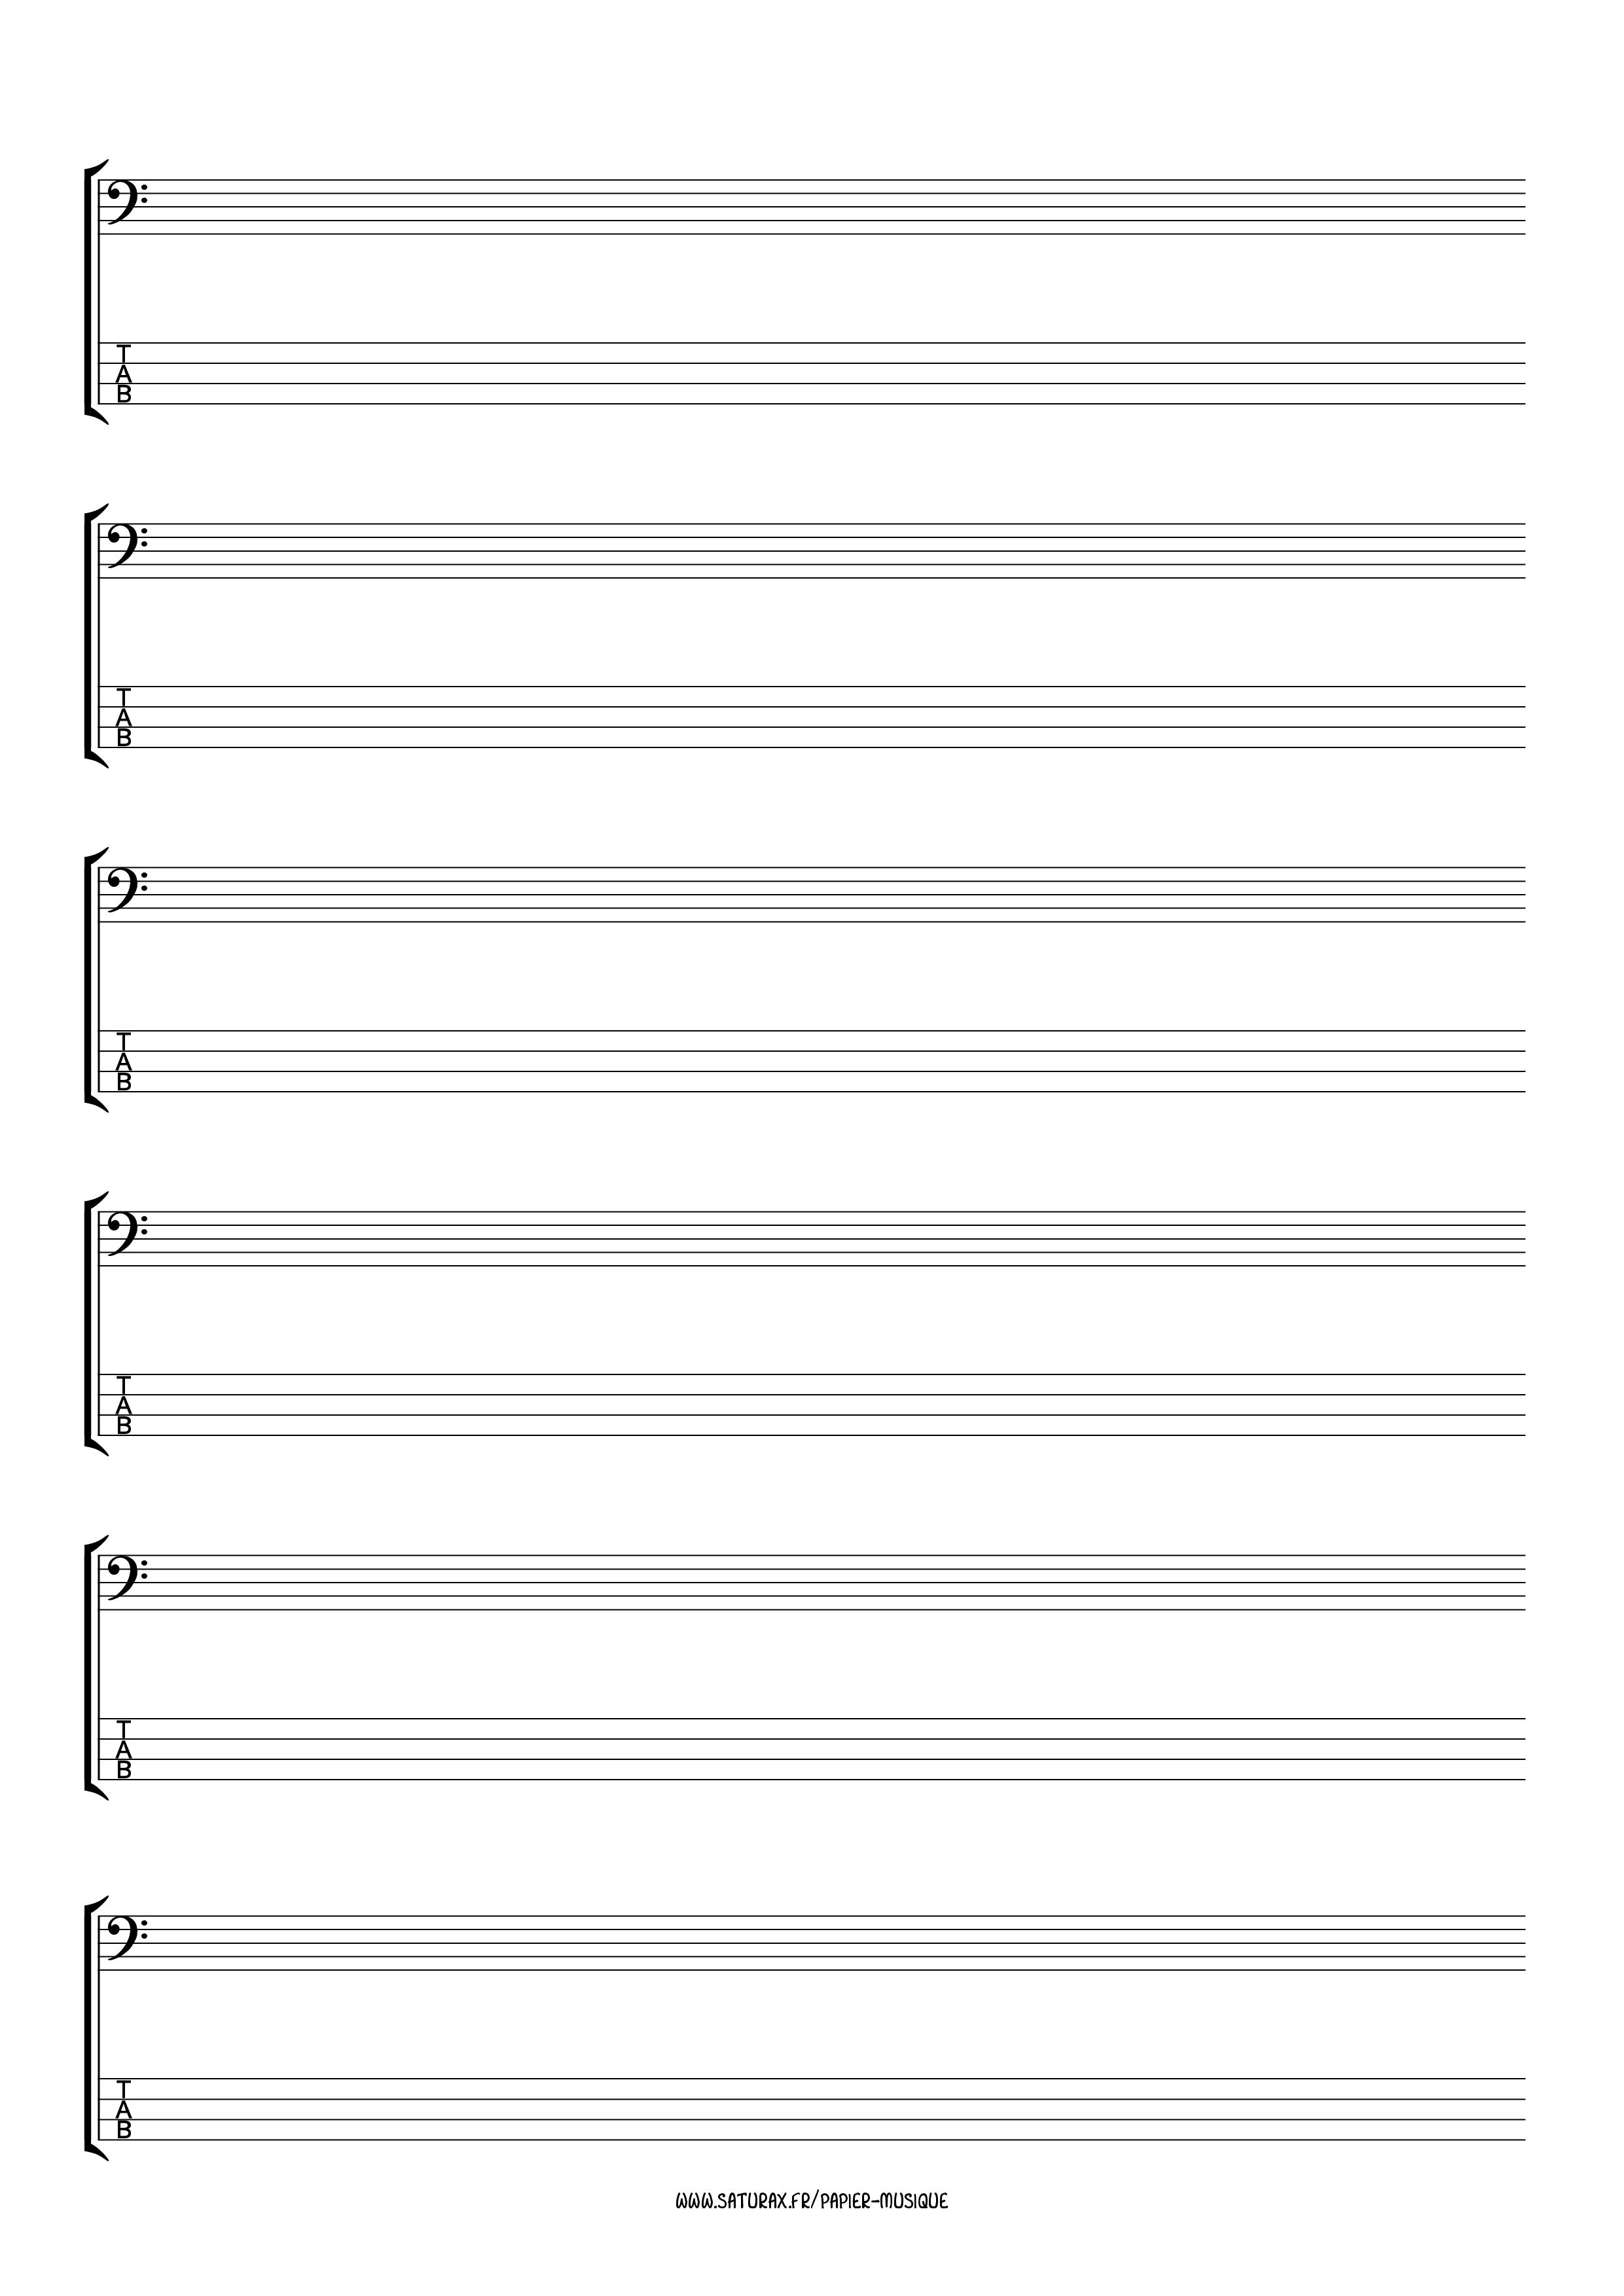 papier musique gratuit download pdf tablature basse 4 cordes portée